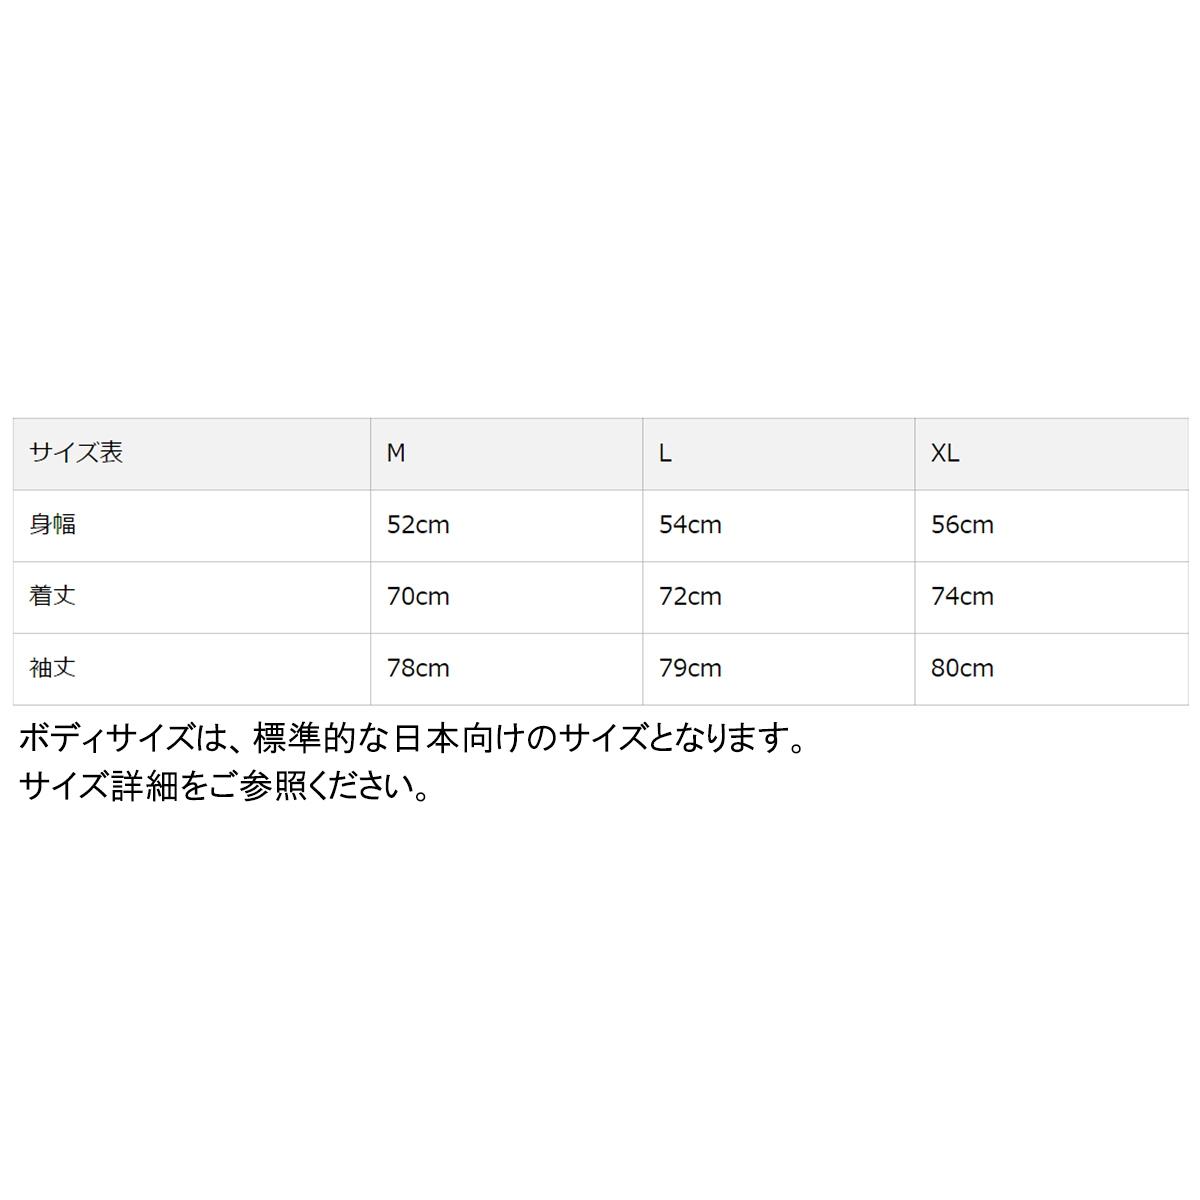 艉,p (OSP) 蒙面长套筒 T 衬衫模型 (快干型) 5 米鸭